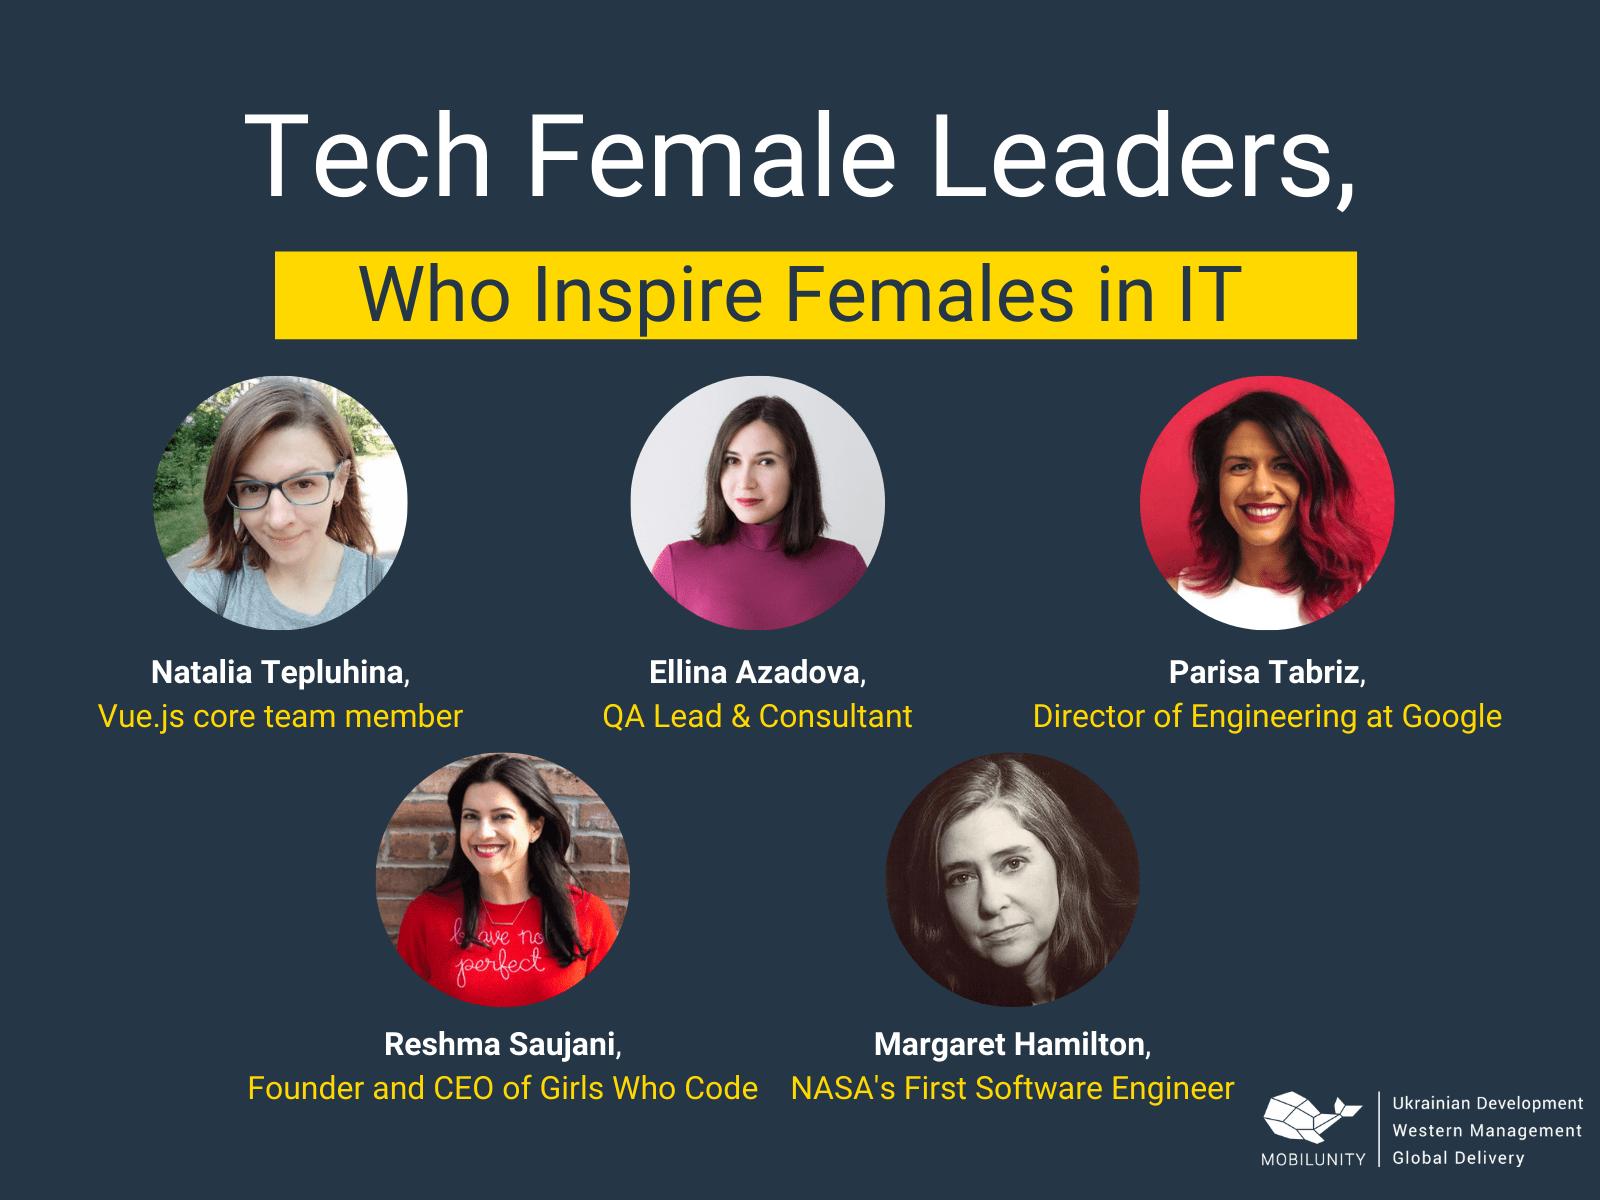 Female Leaders Inspiring Women in Tech